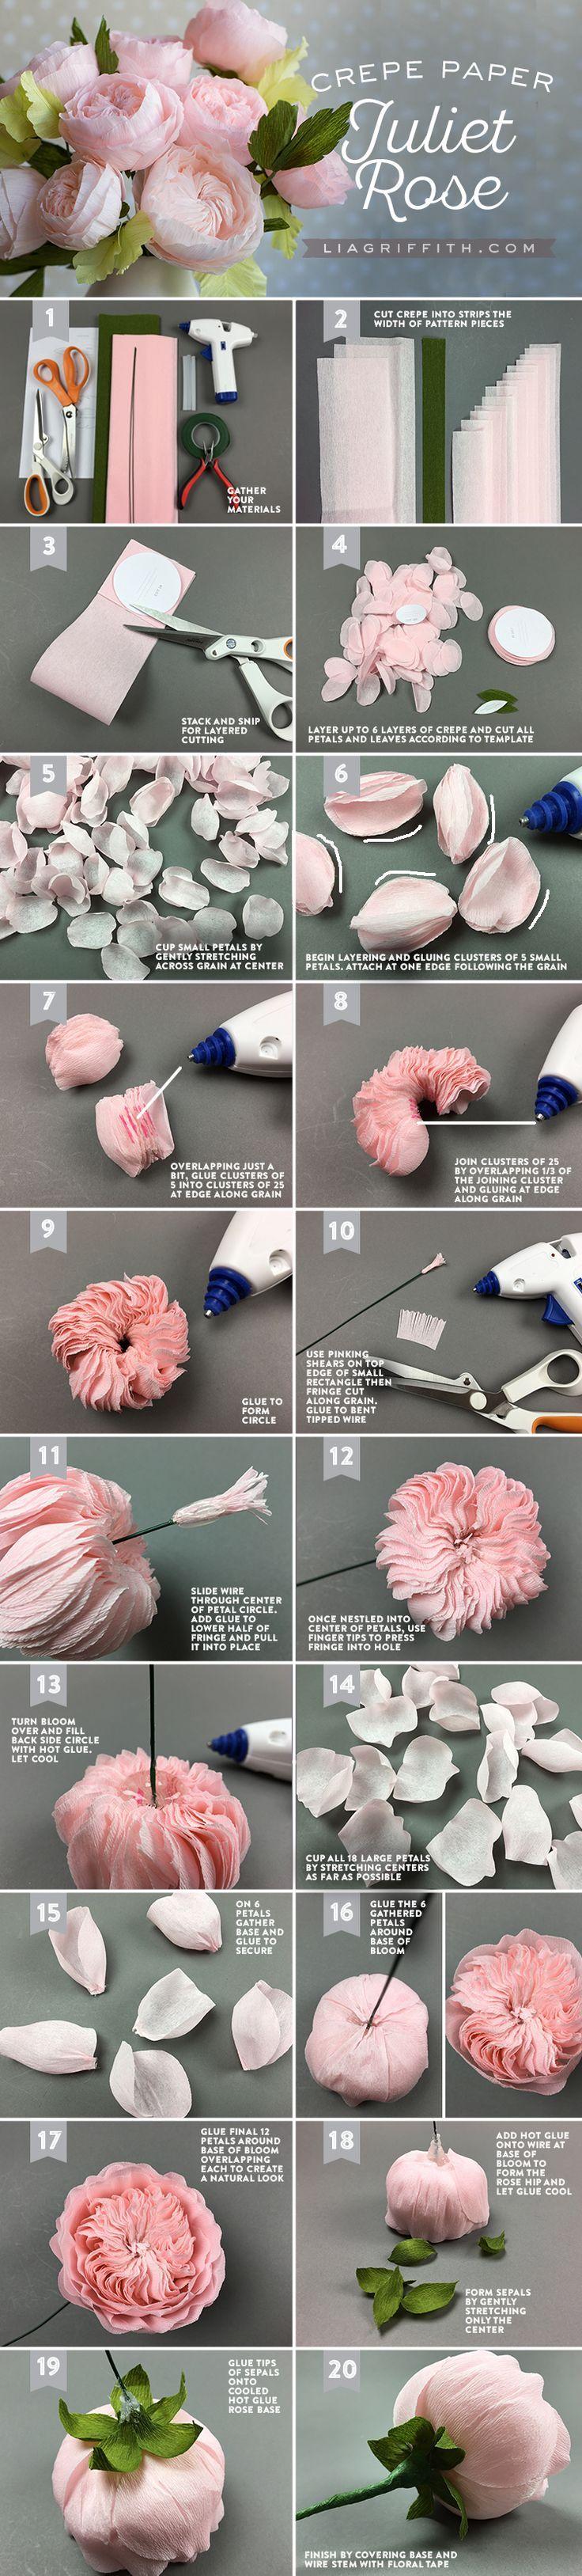 Krepppapier Juliet Roses – DIY Papier Blog